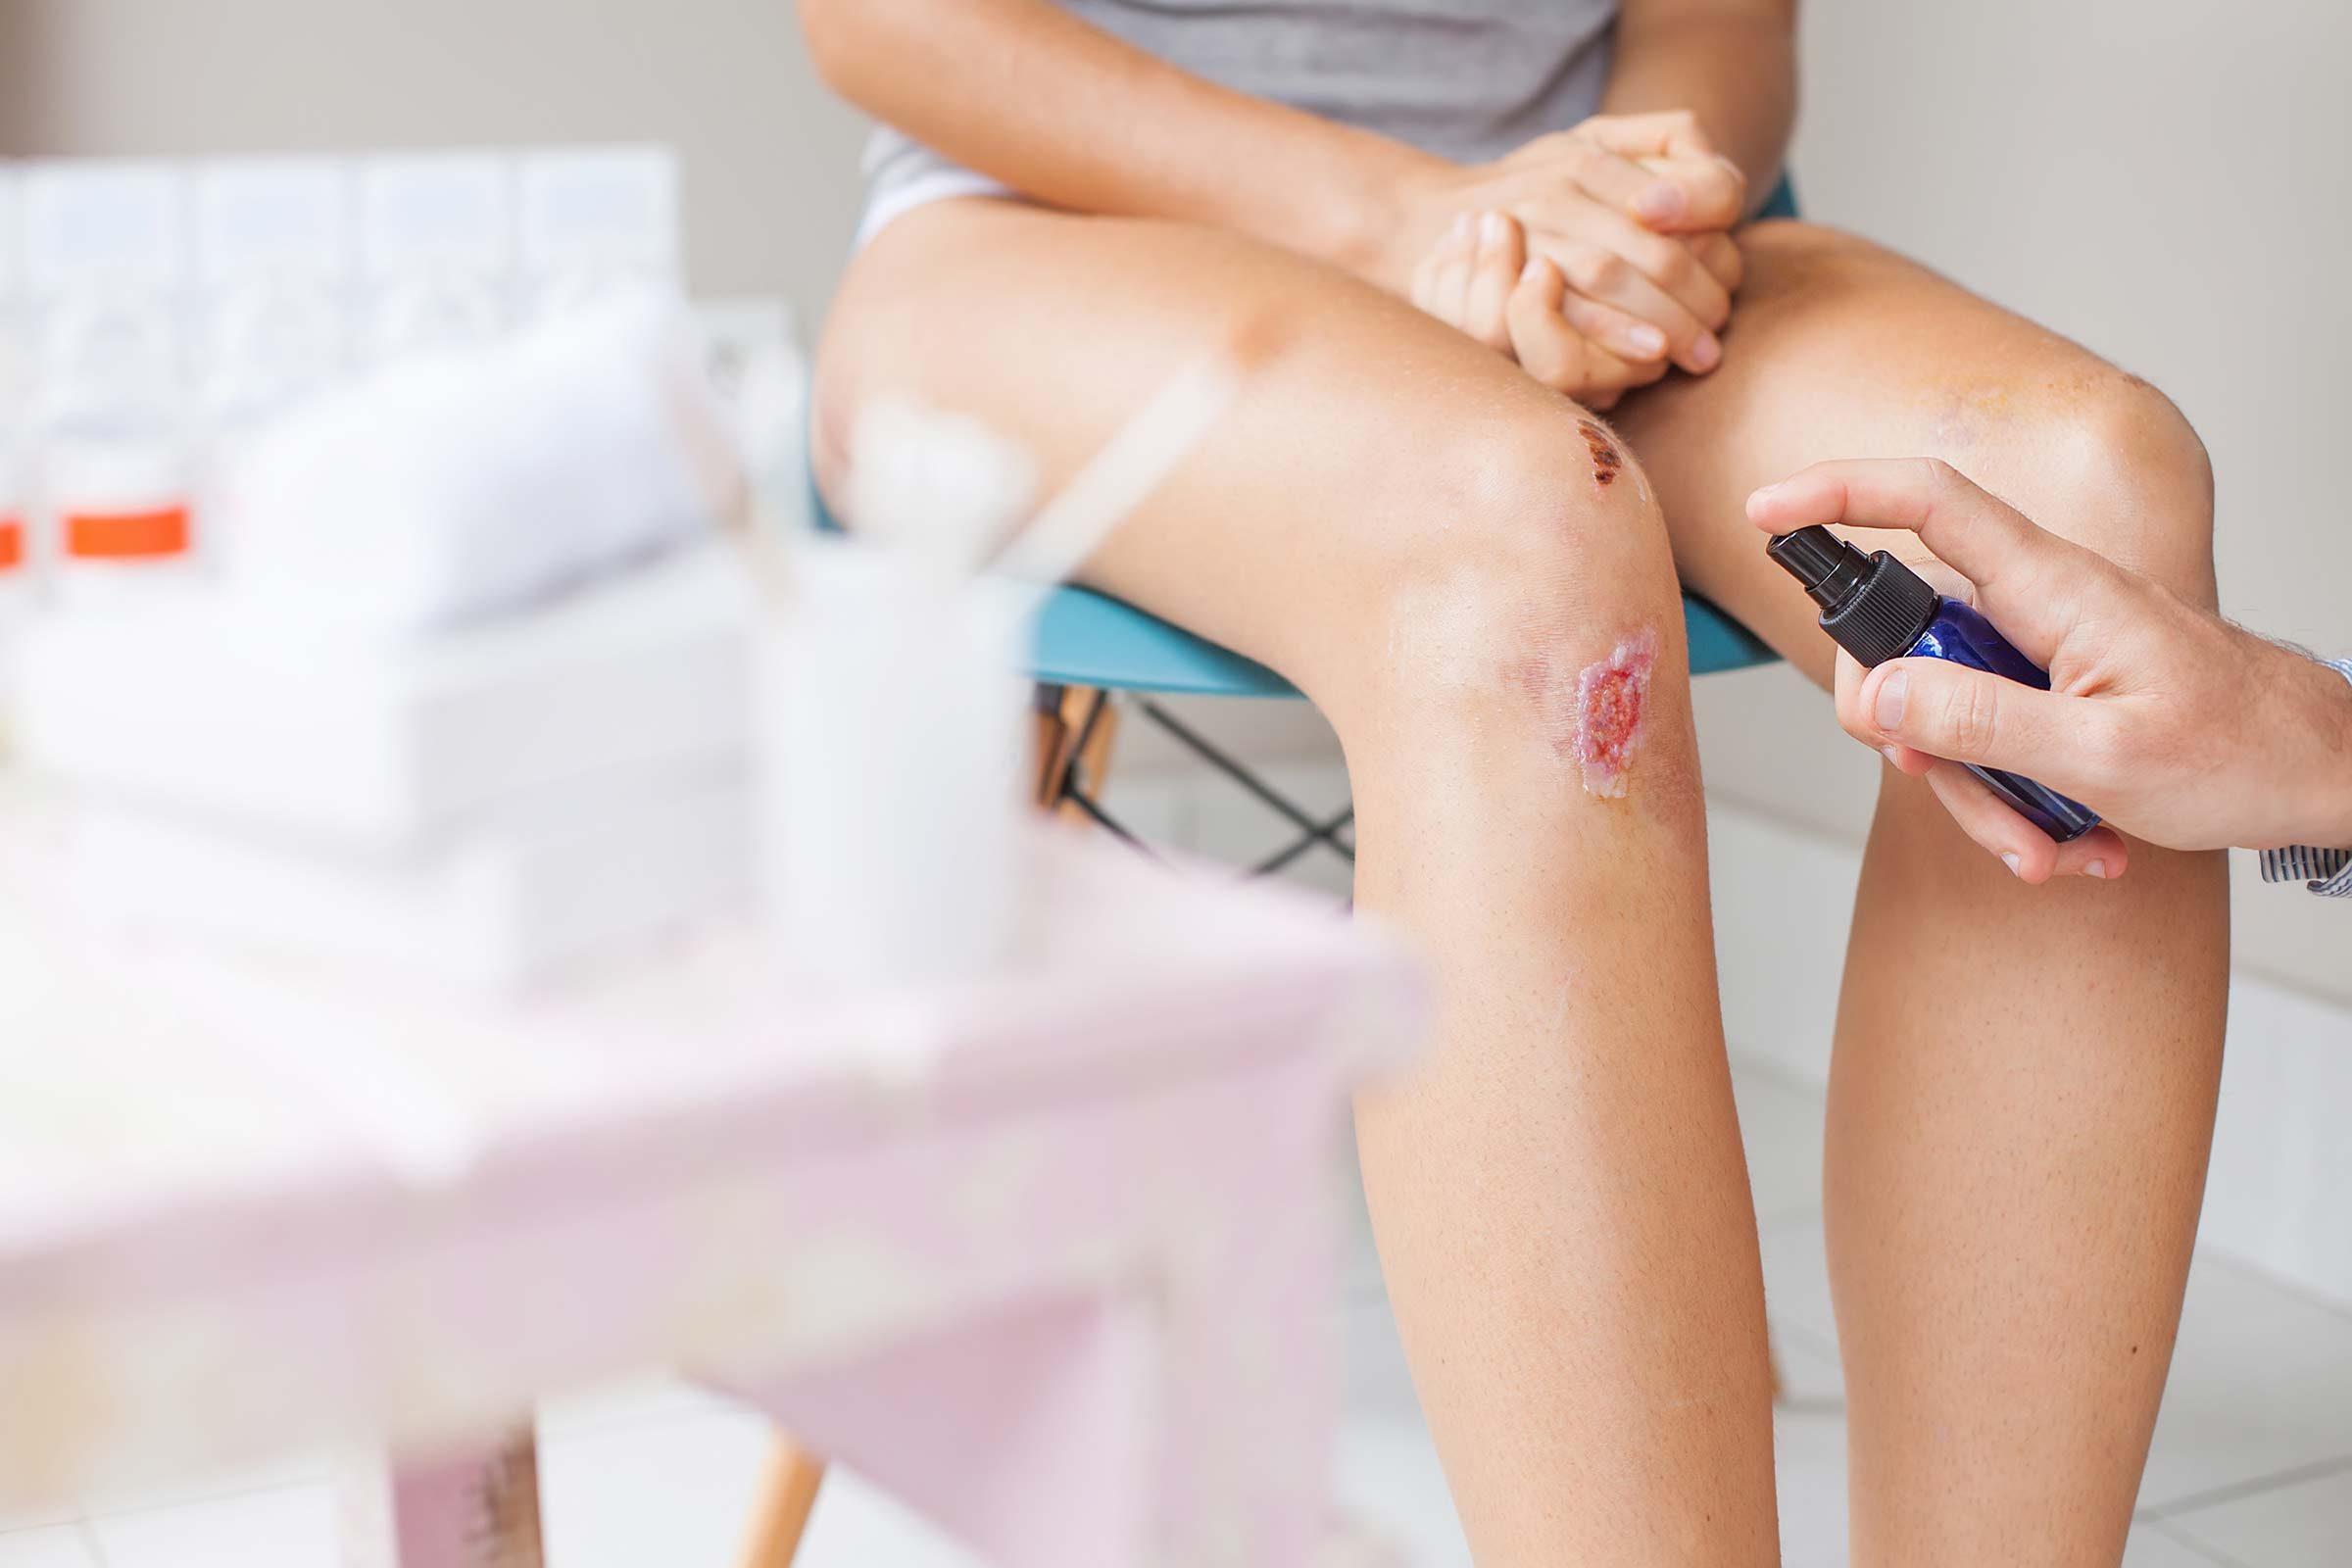 Des débris encore coincés sous votre peau peuvent créer de l'infection